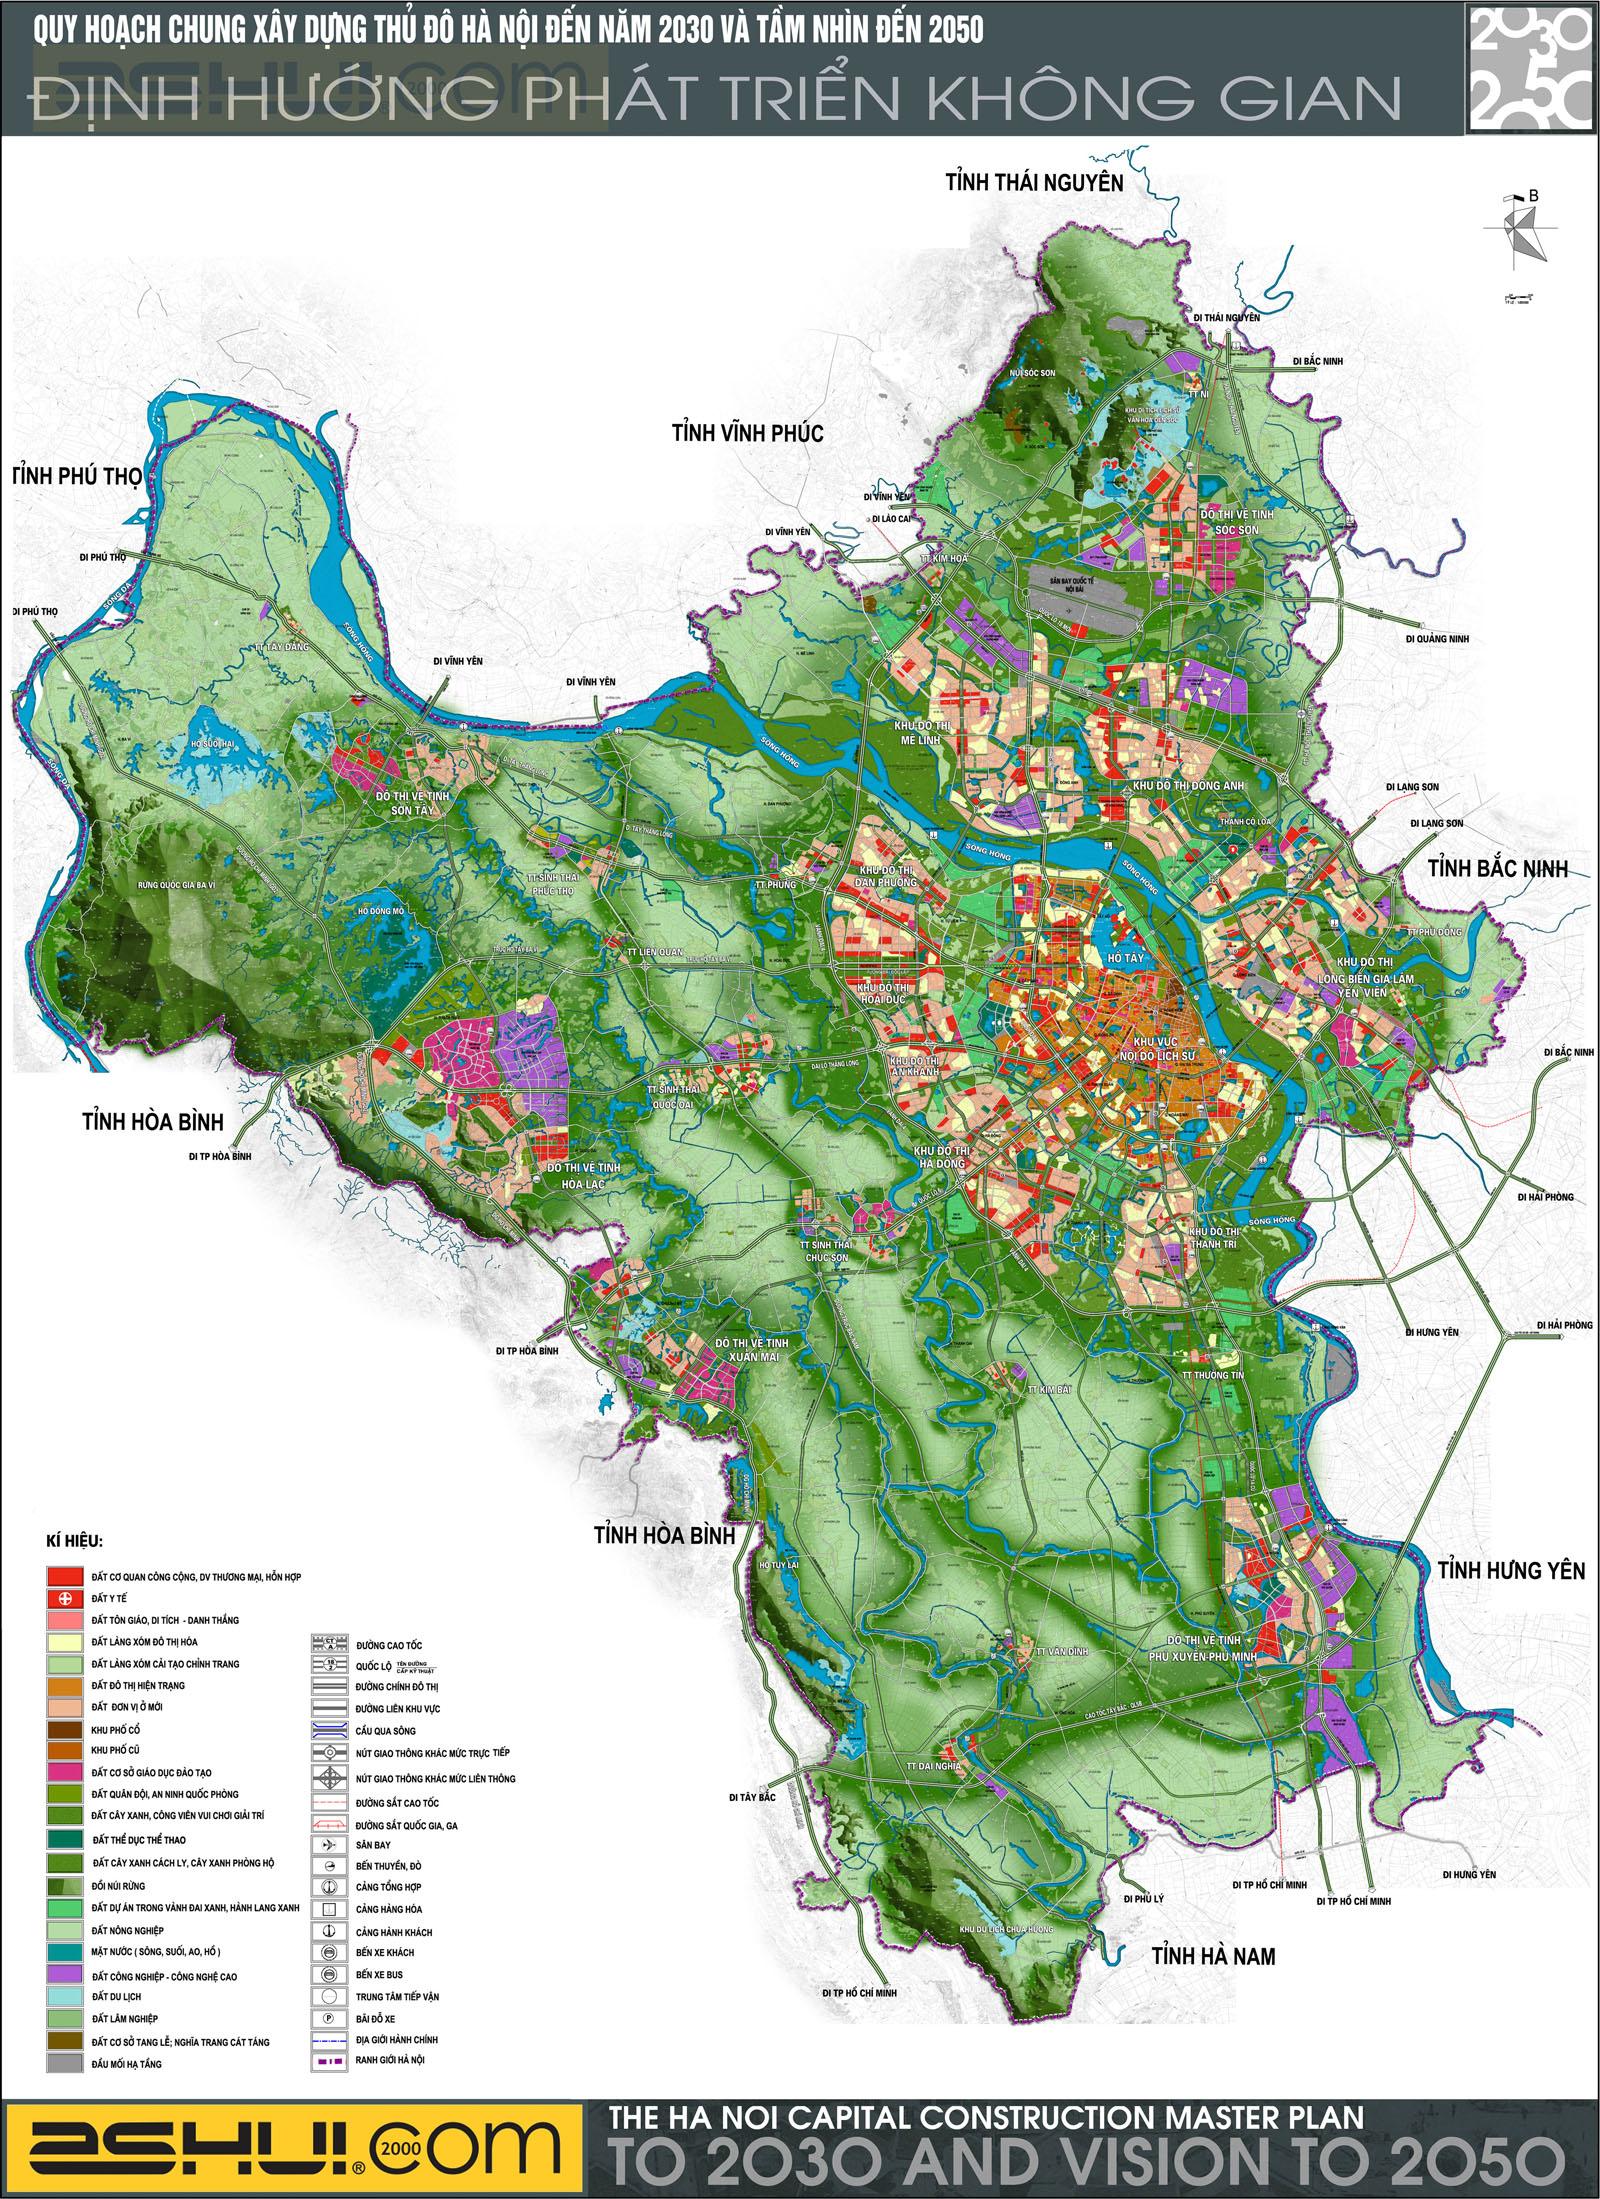 Quy hoạch chung Thủ đô Hà Nội đến năm 2030 và tầm nhìn đến năm 2050